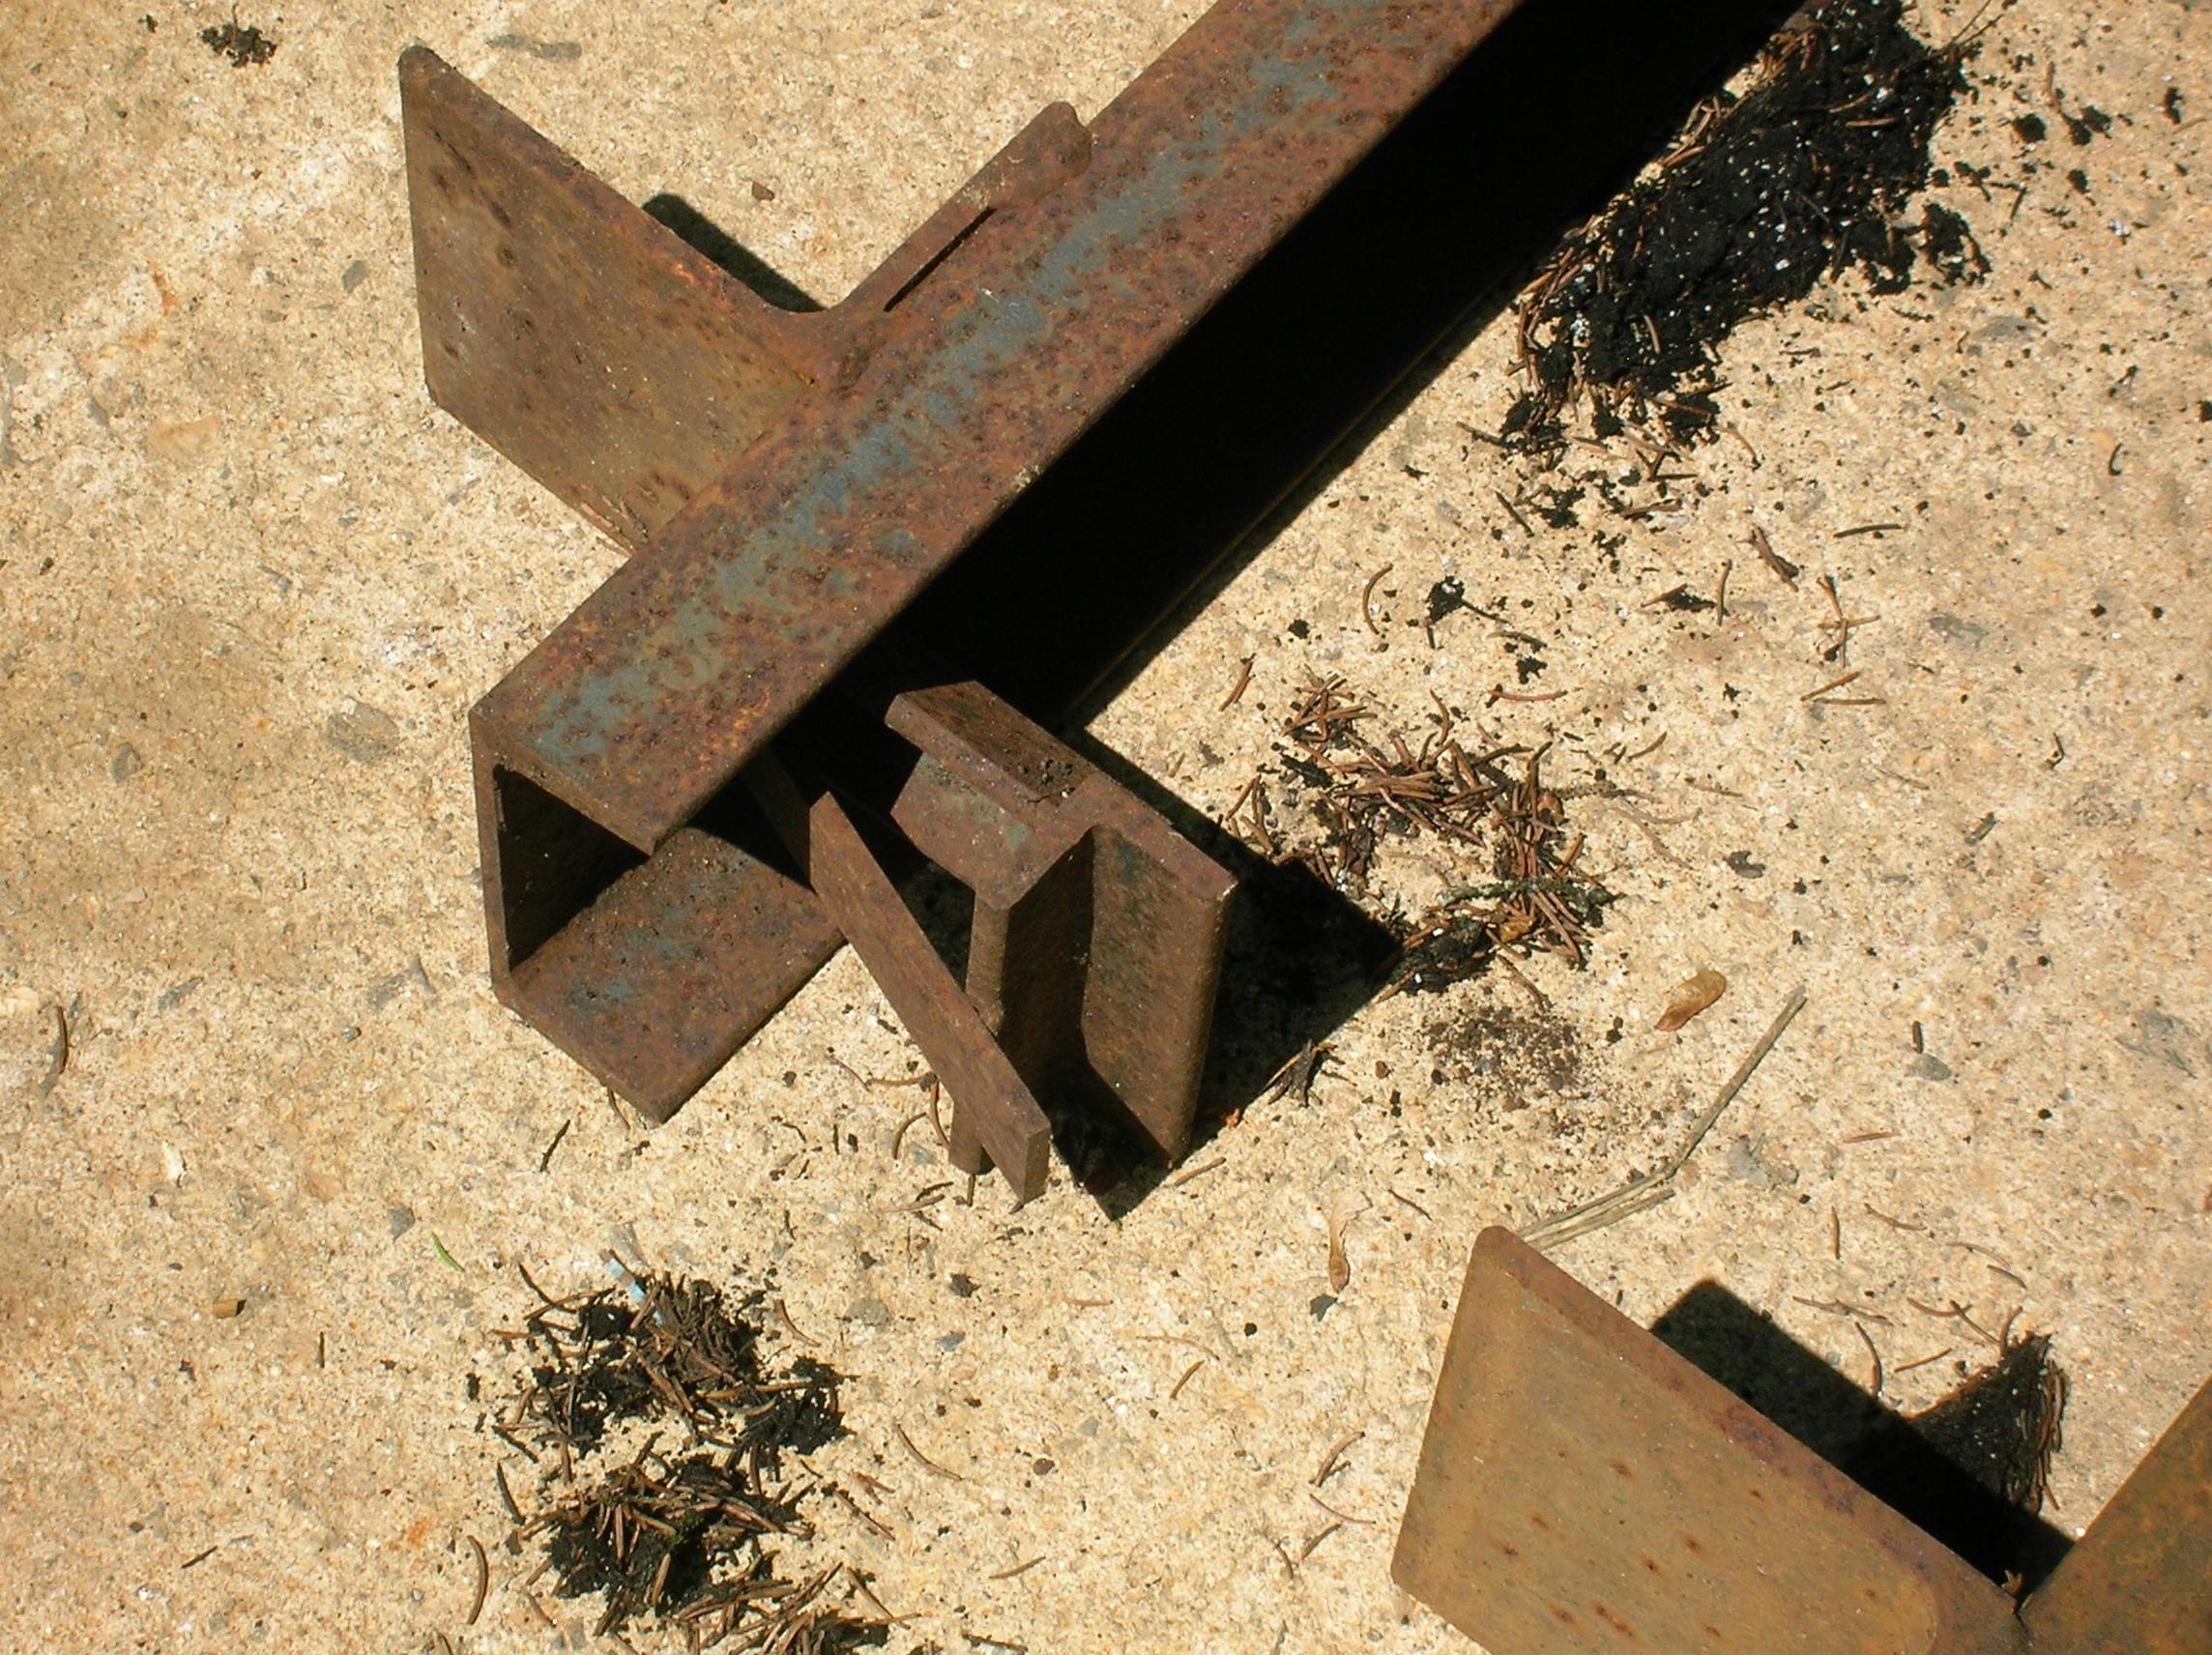 frame jig front support